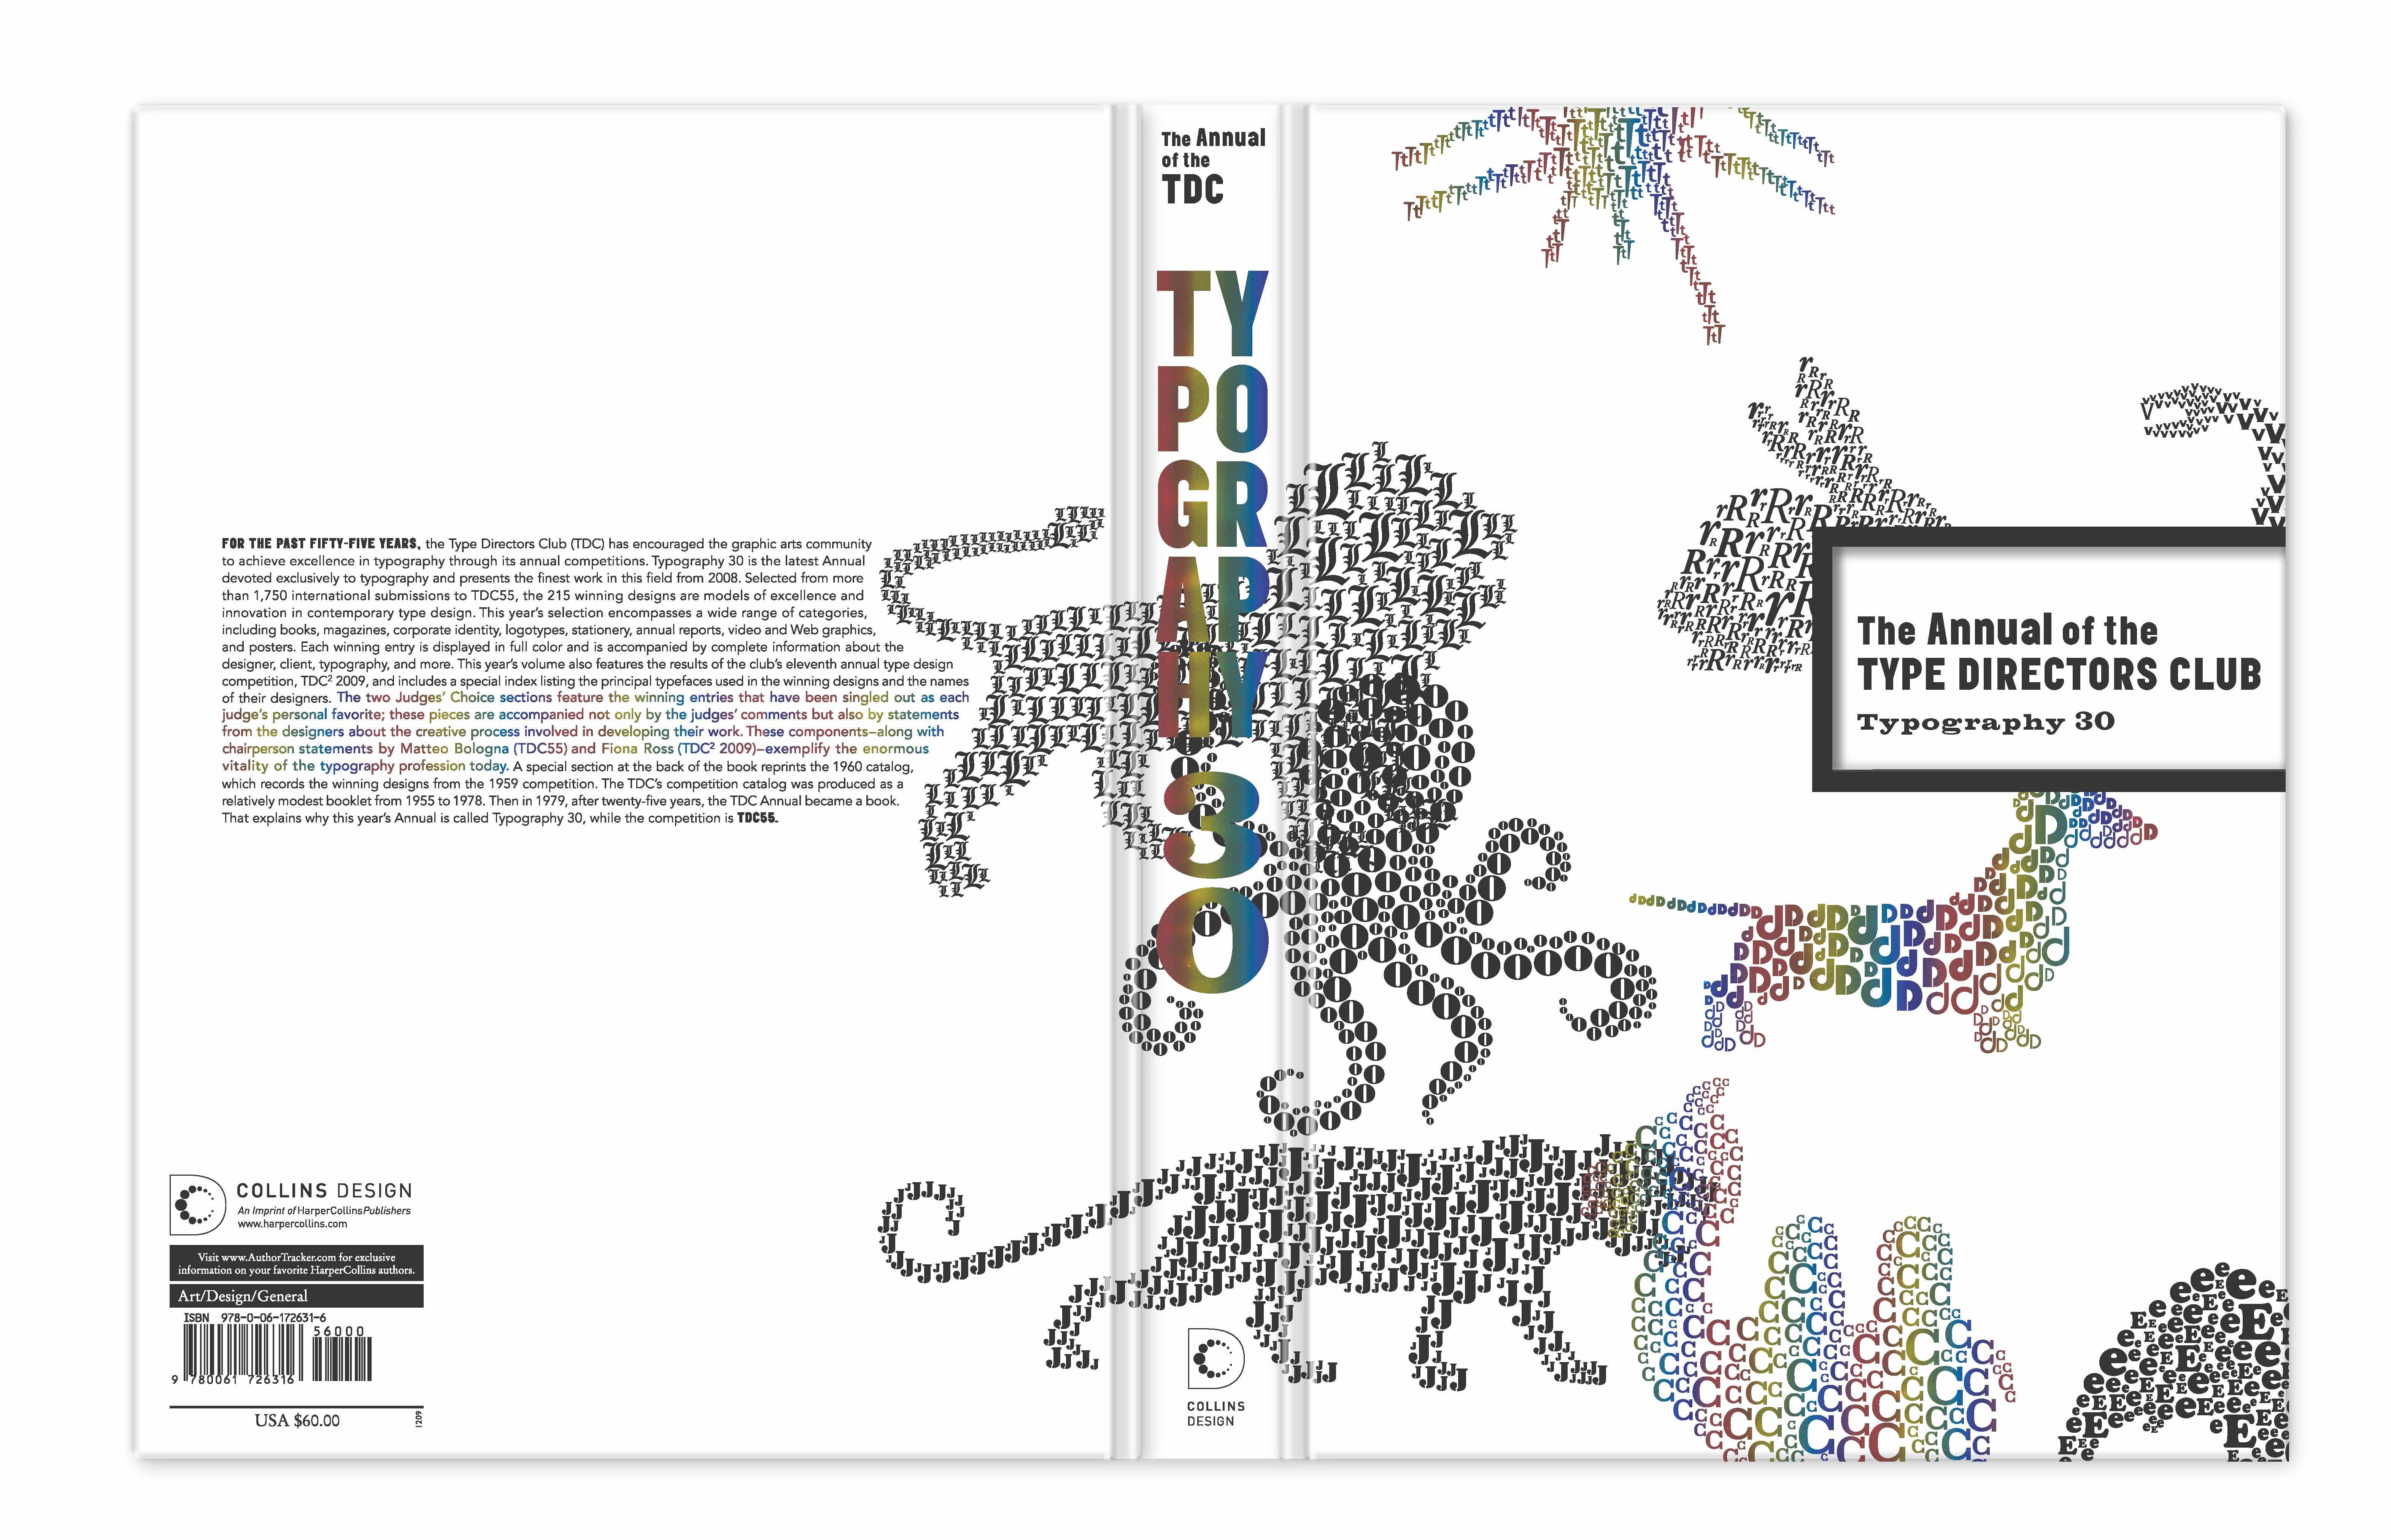 100109 TDC book rainbow foil